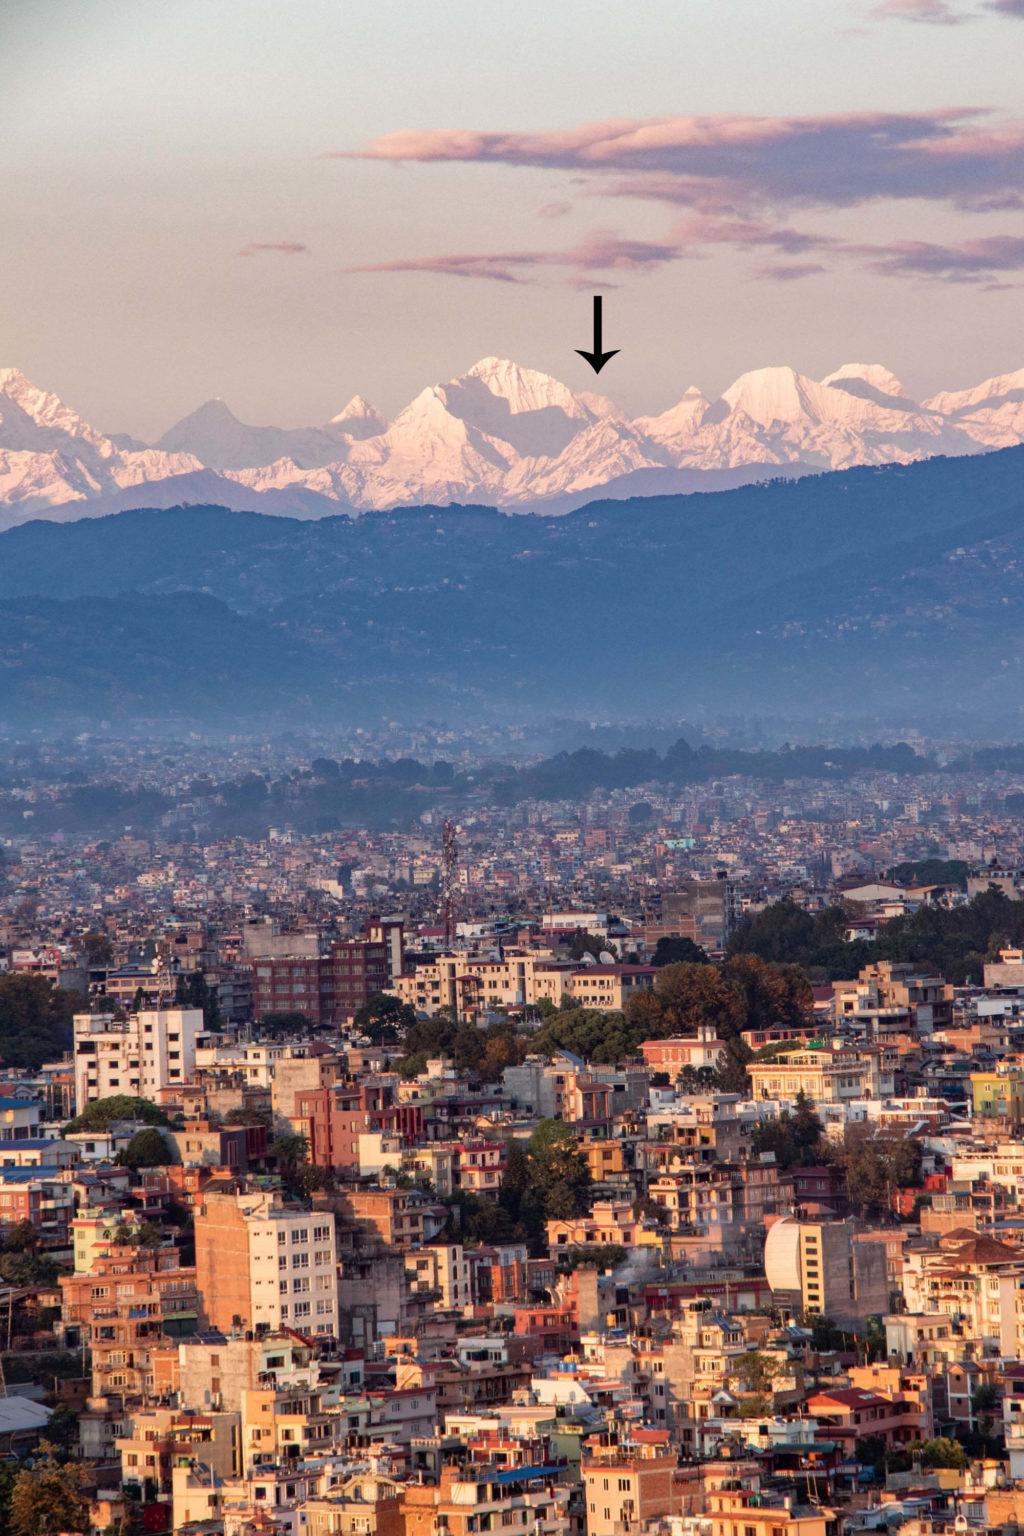 COVID-19-proves-that-Kathmandu-can-be-cleaned-up-2-min-1024x1536.jpg